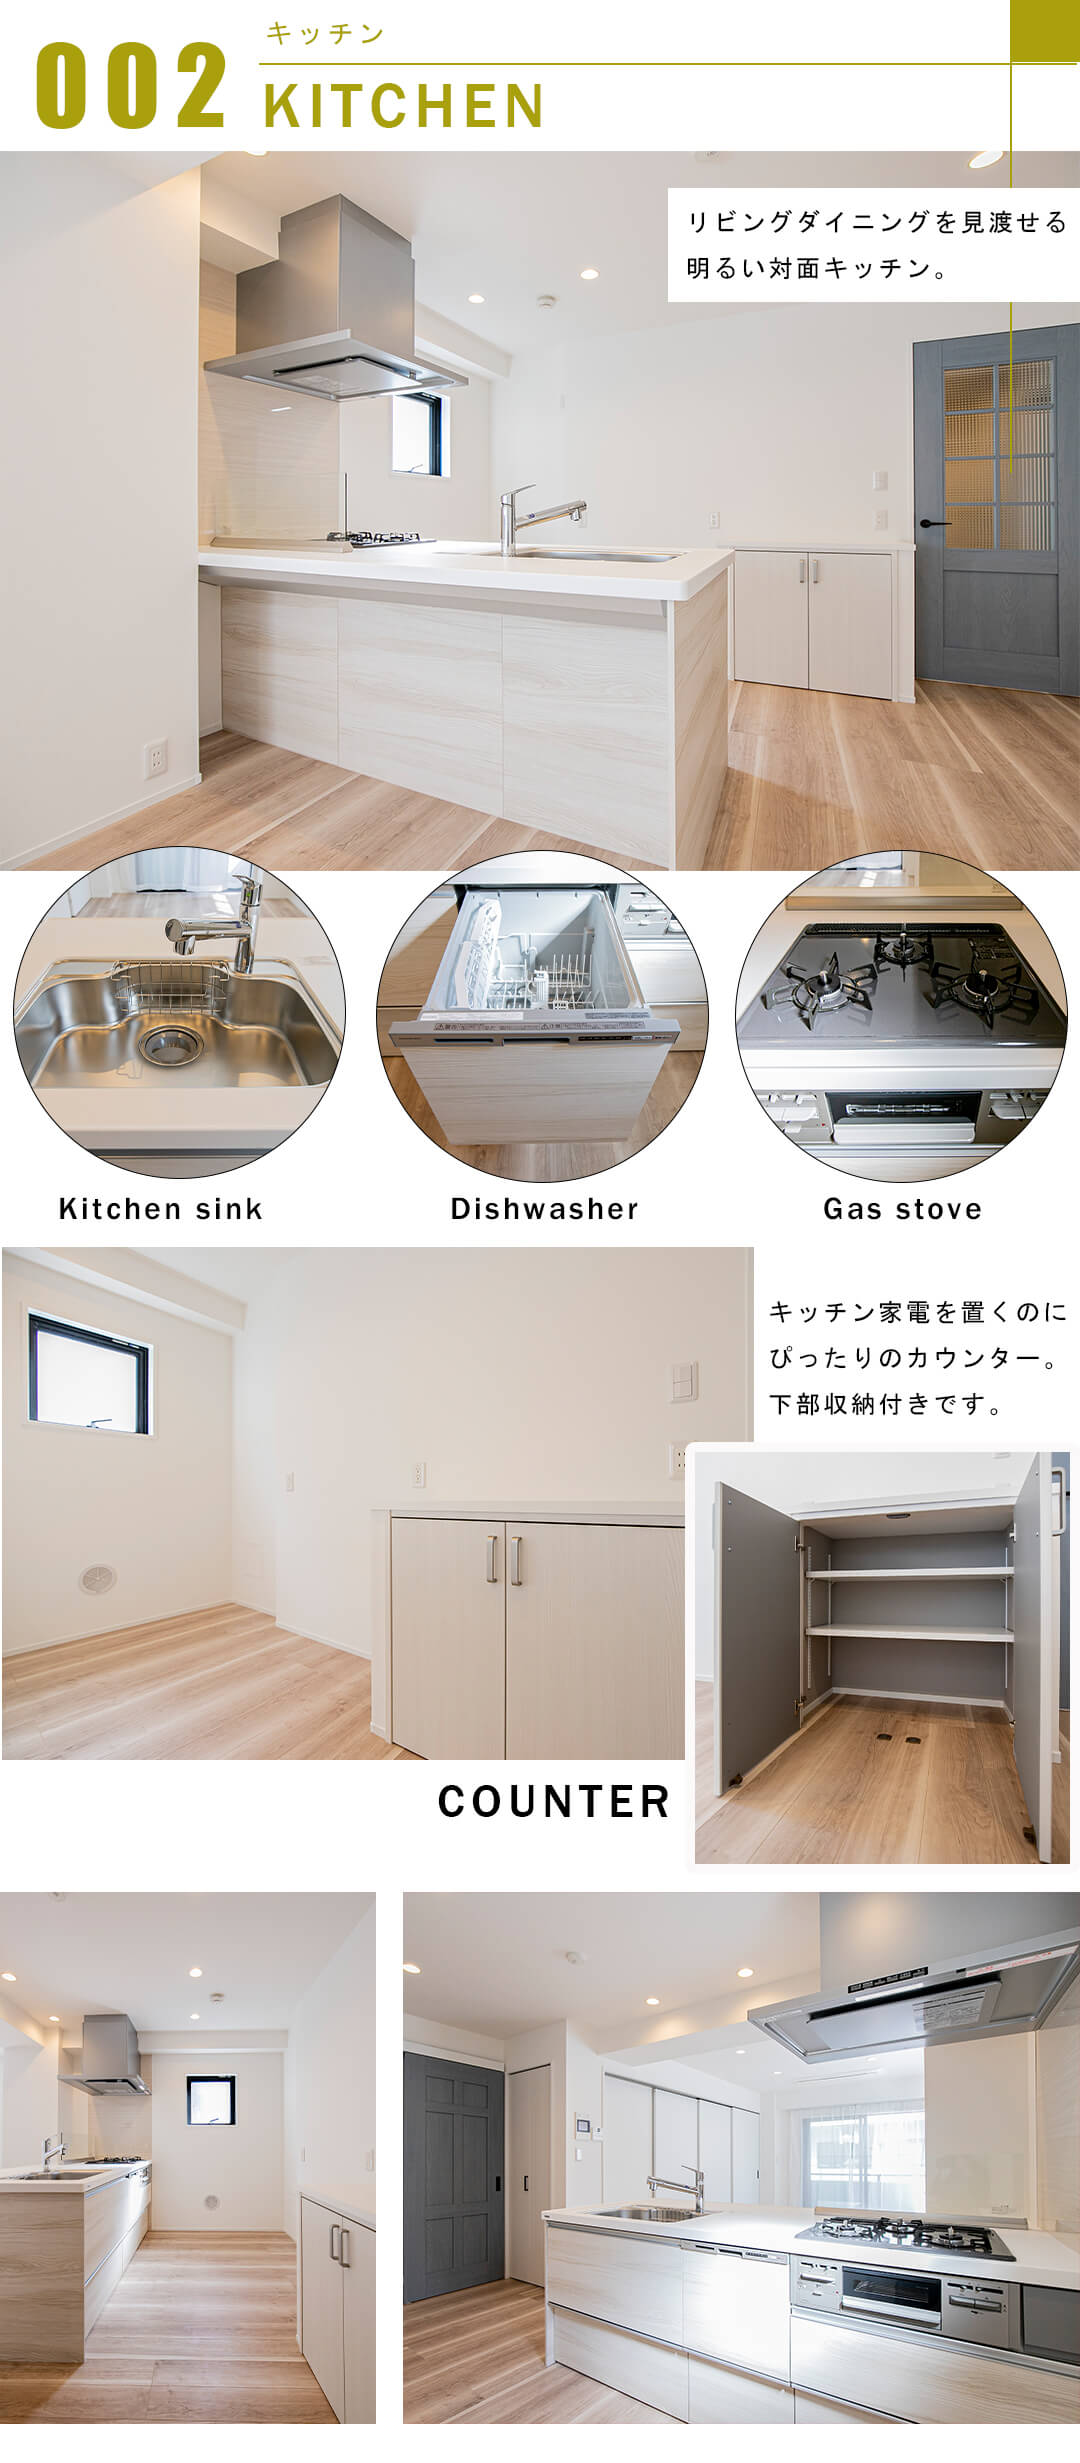 ライオンズマンション阿佐ヶ谷第2のキッチン